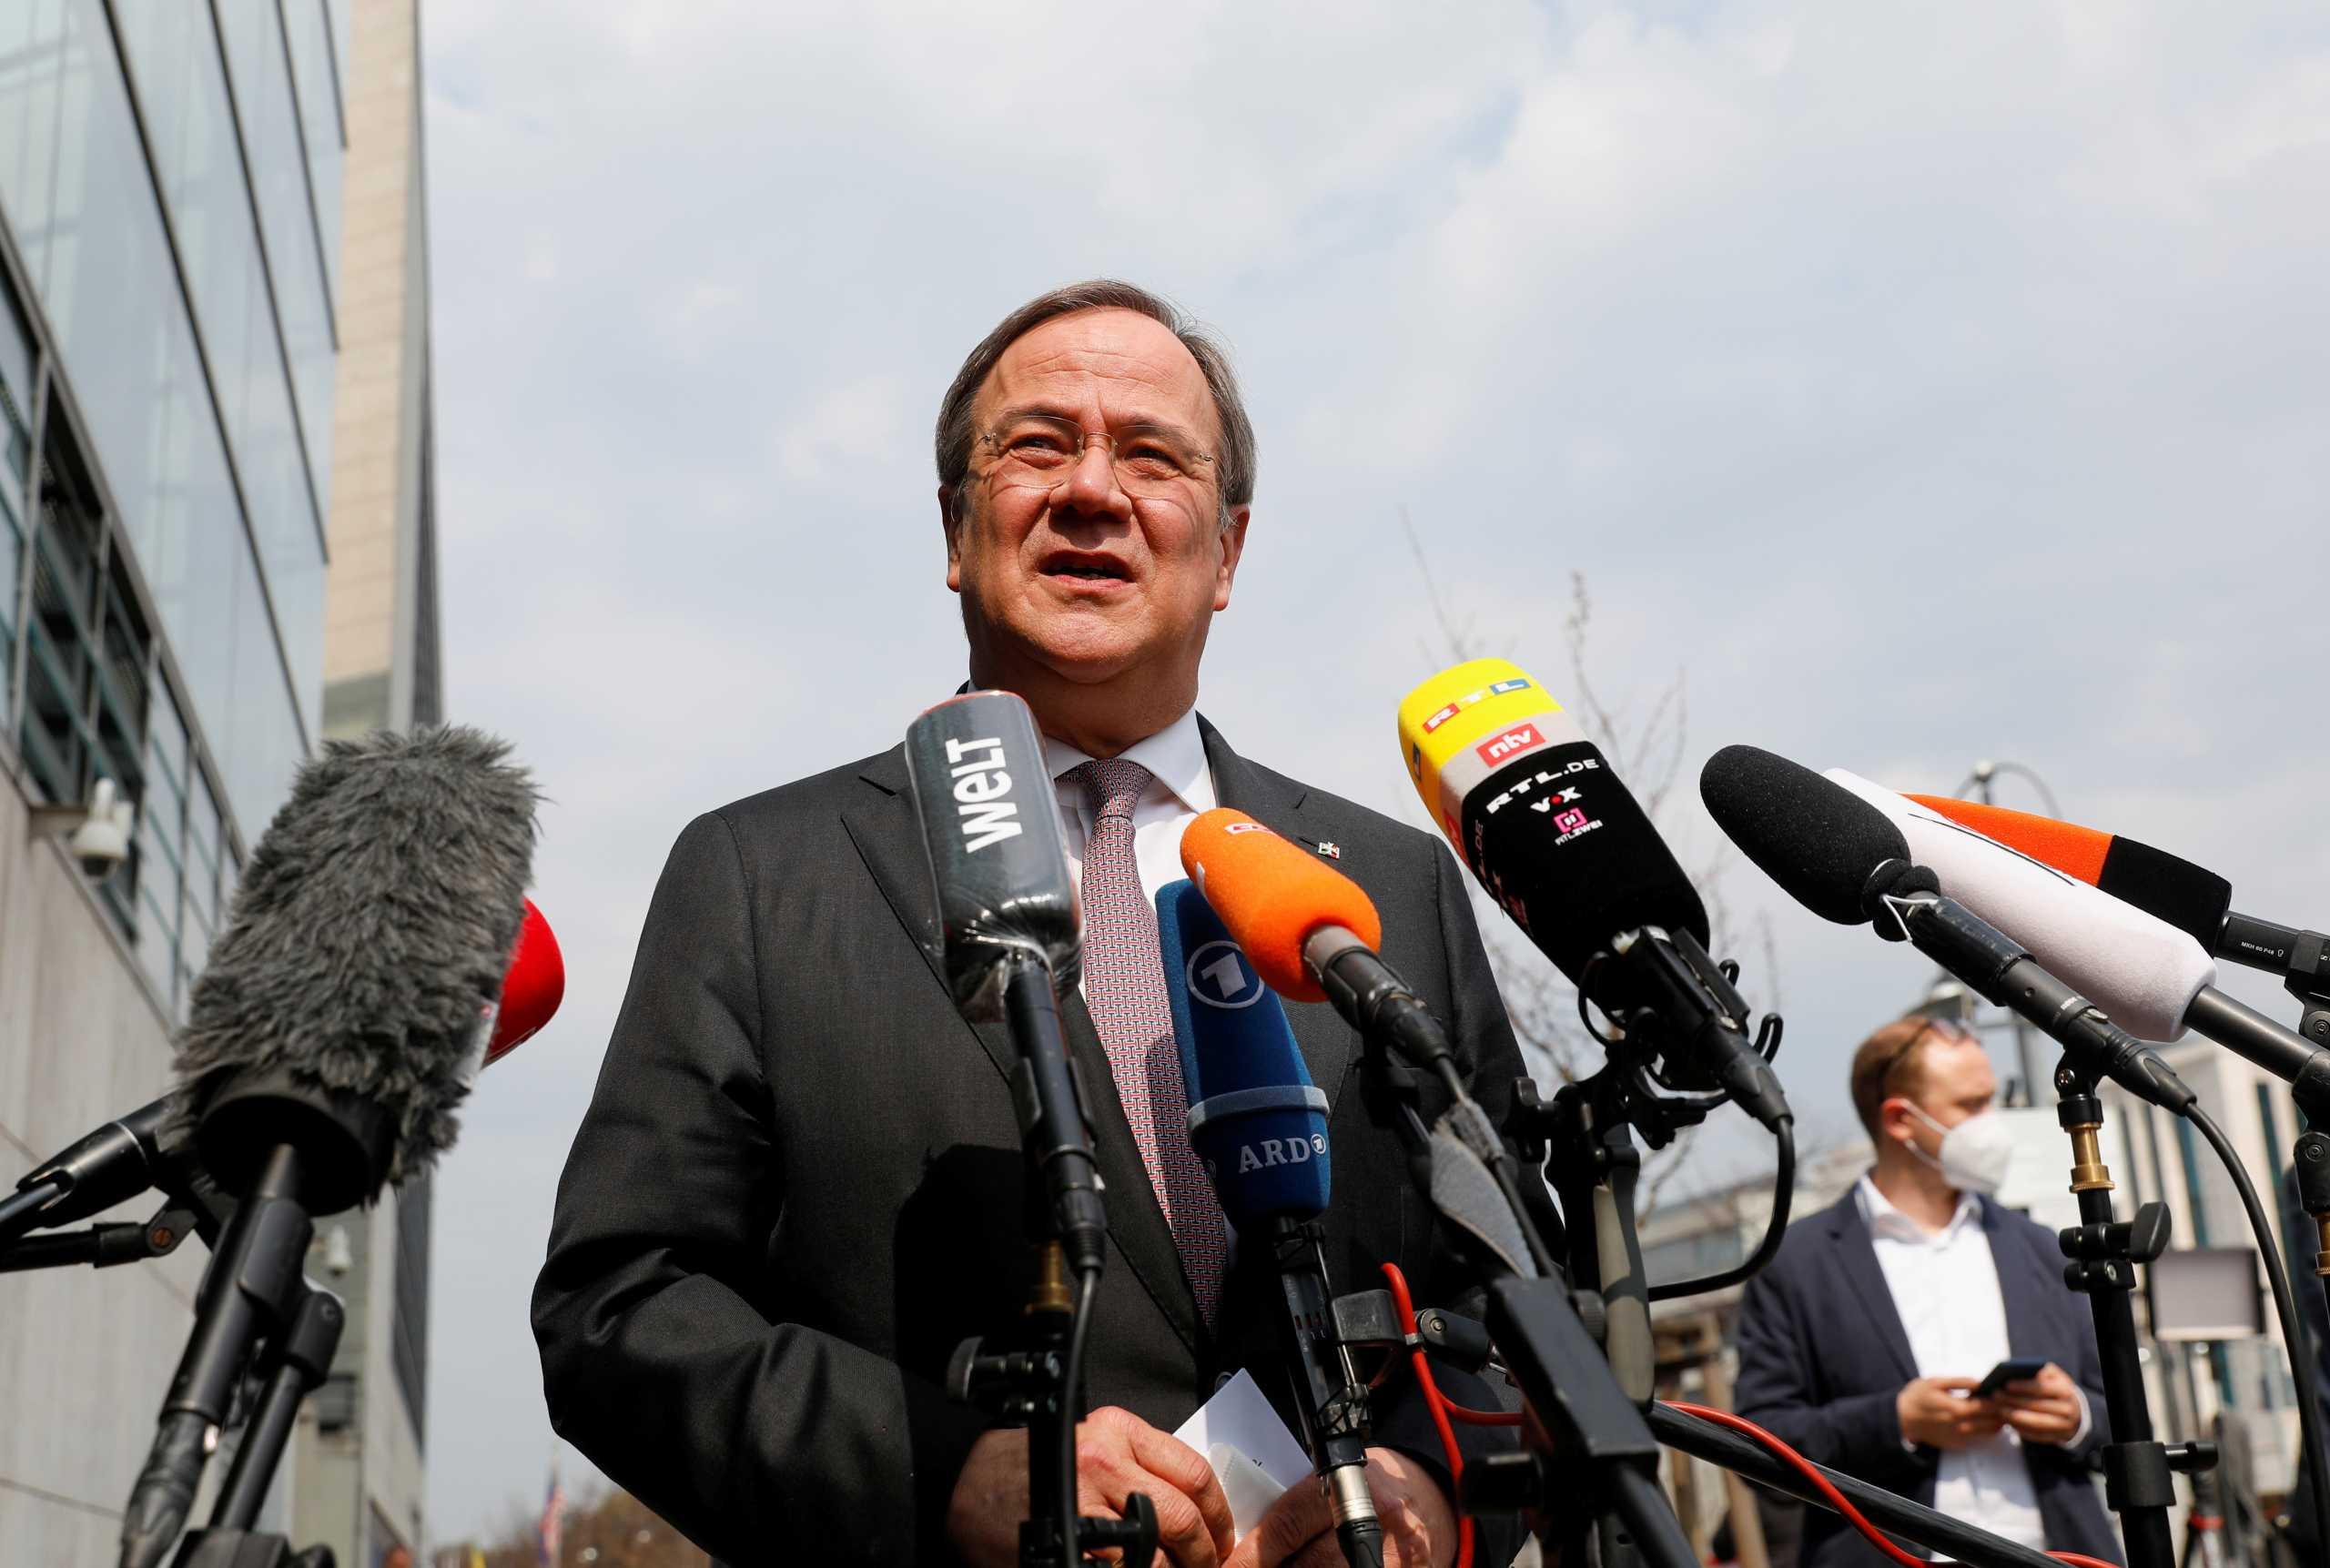 Είναι επίσημο: Ο Άρμιν Λάσετ υποψήφιος Καγκελάριος της Γερμανίας